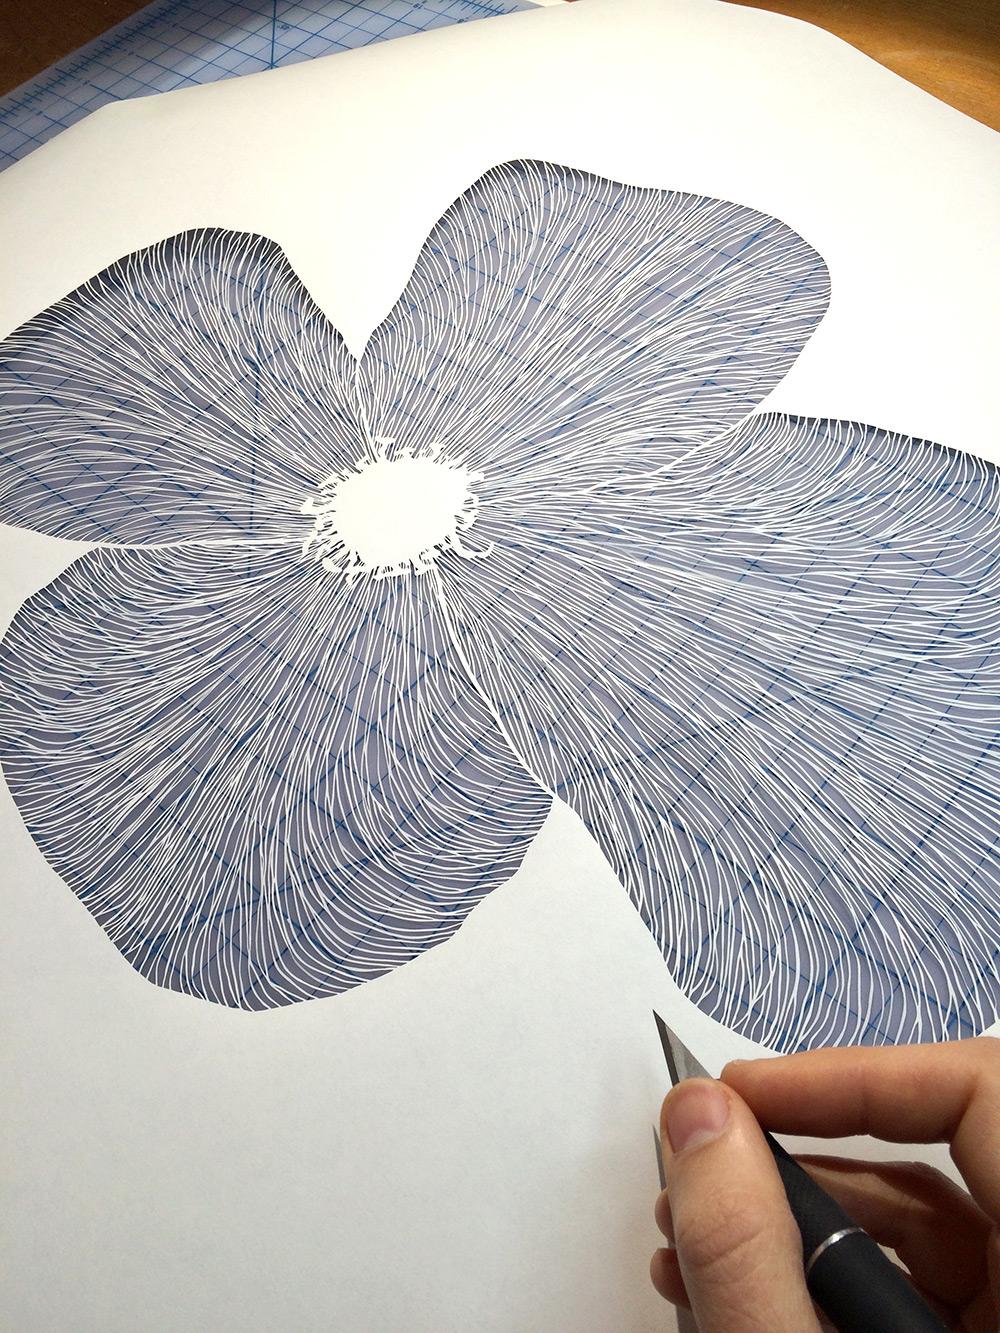 flores-em-papel-da-artista-maudewhite-blog-usenatureza